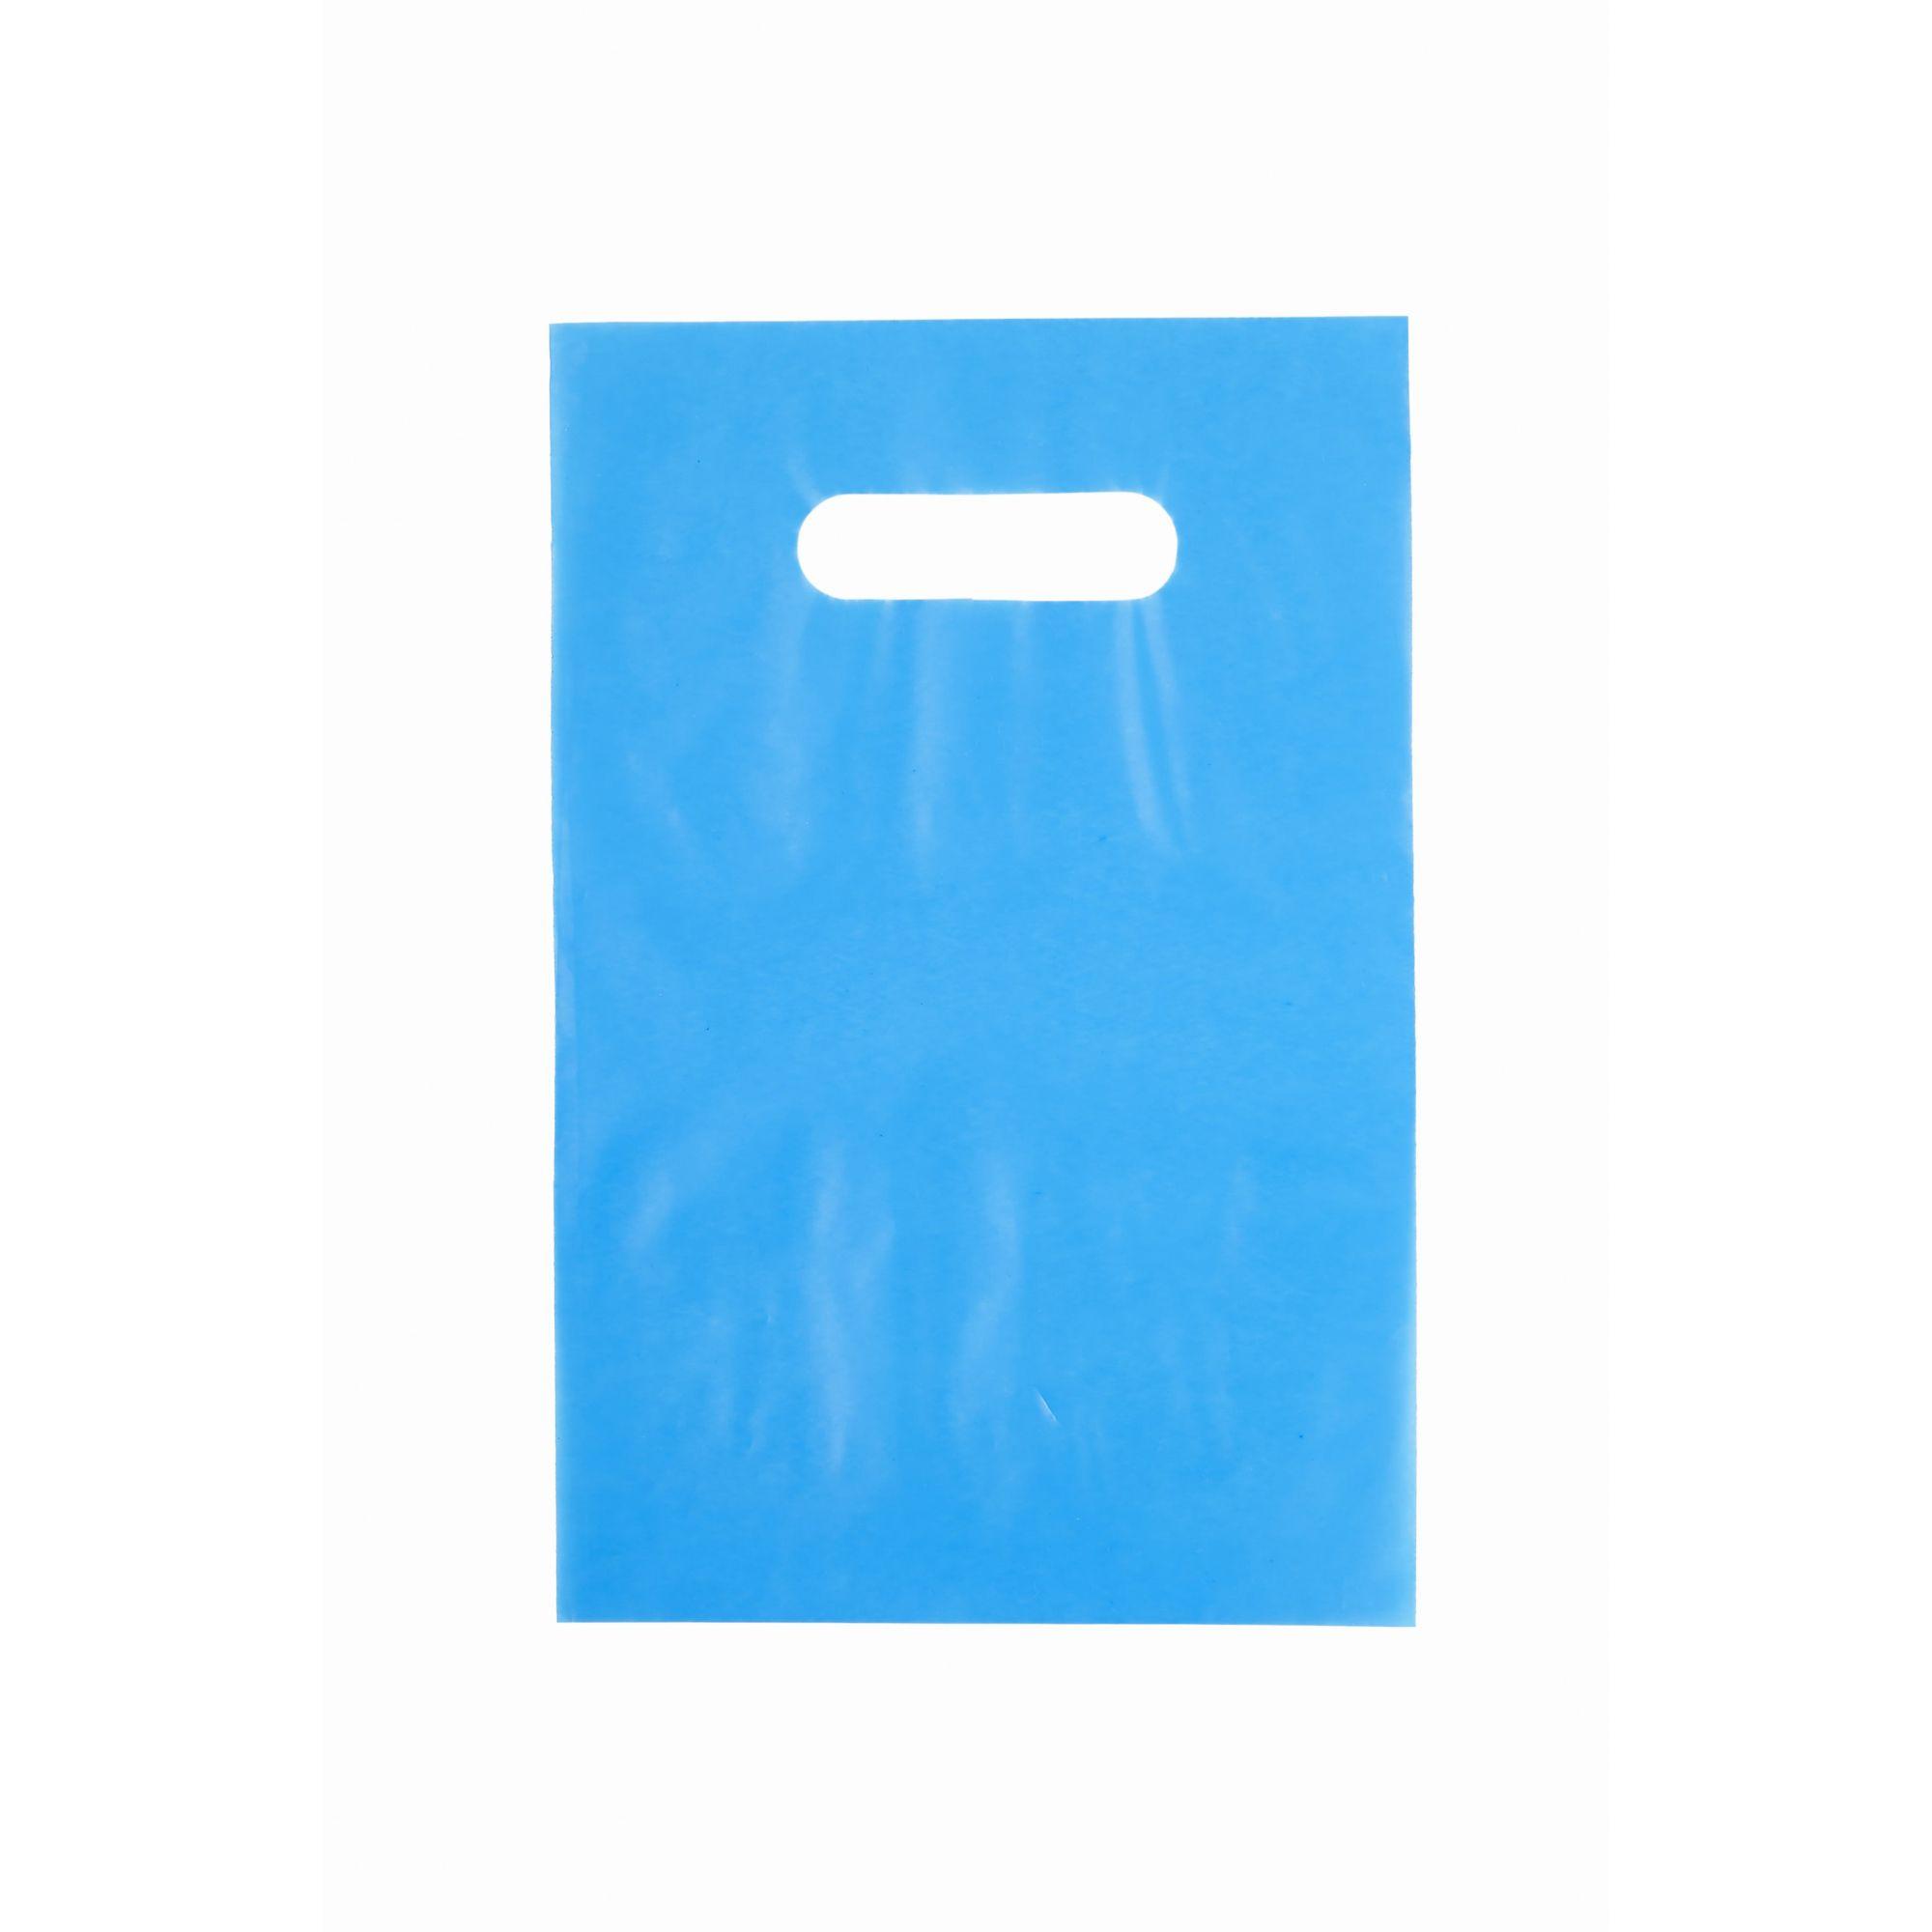 Sacola Plástica 20x30 Azul - Alça Boca de Palhaço